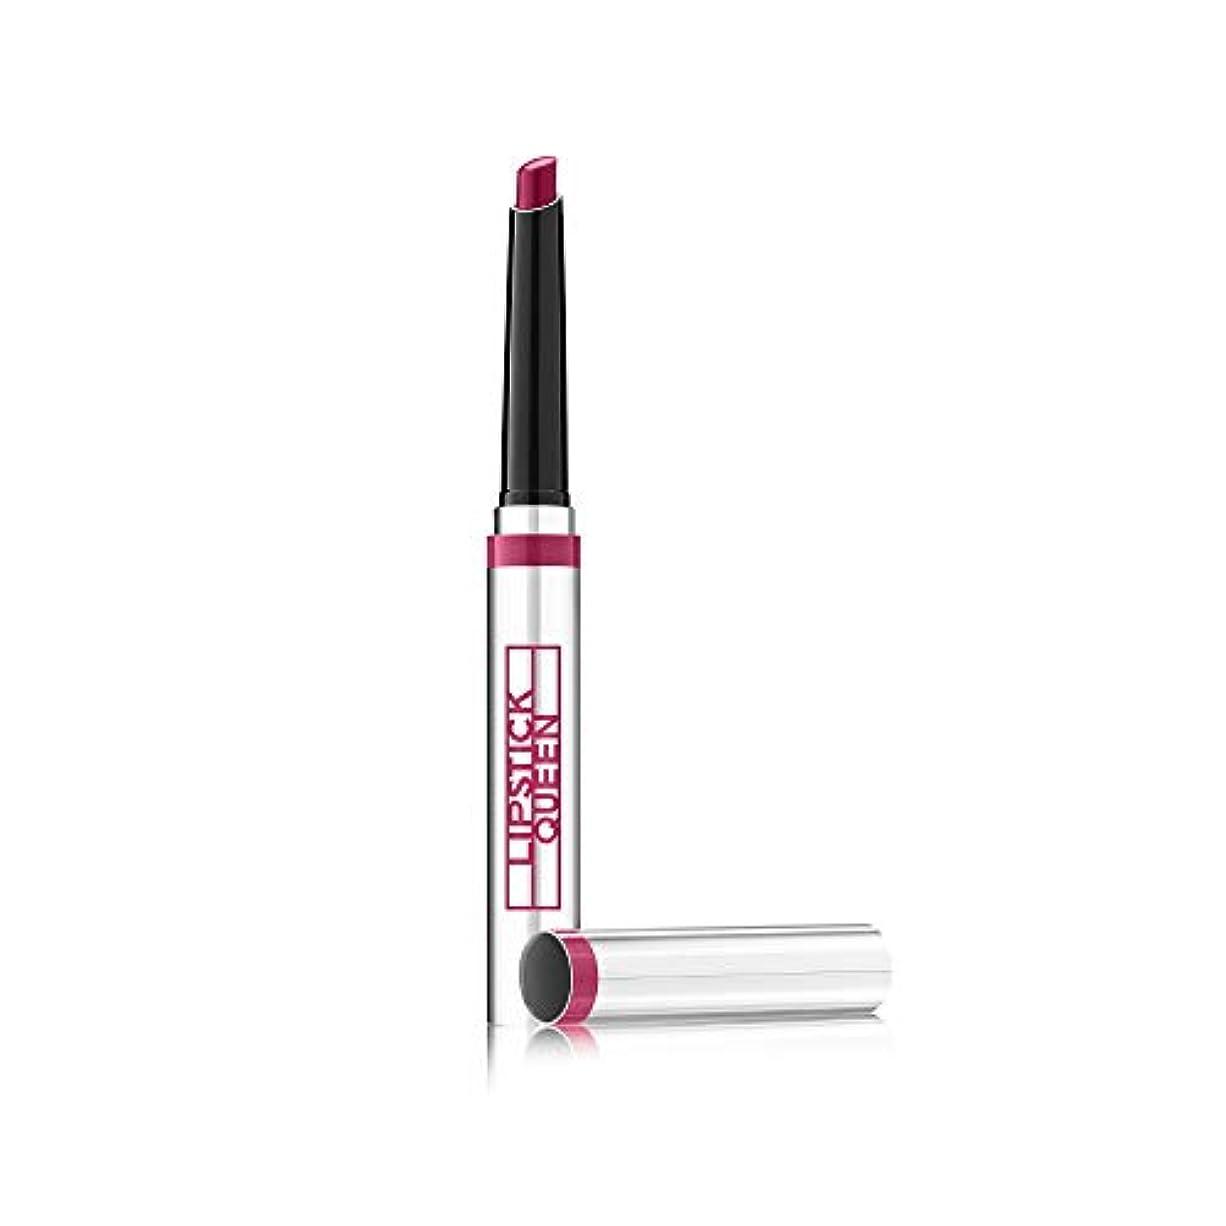 ウルルすみません料理をするリップスティック クィーン Rear View Mirror Lip Lacquer - # Thunder Rose (A Warm Lively Pink) 1.3g/0.04oz並行輸入品